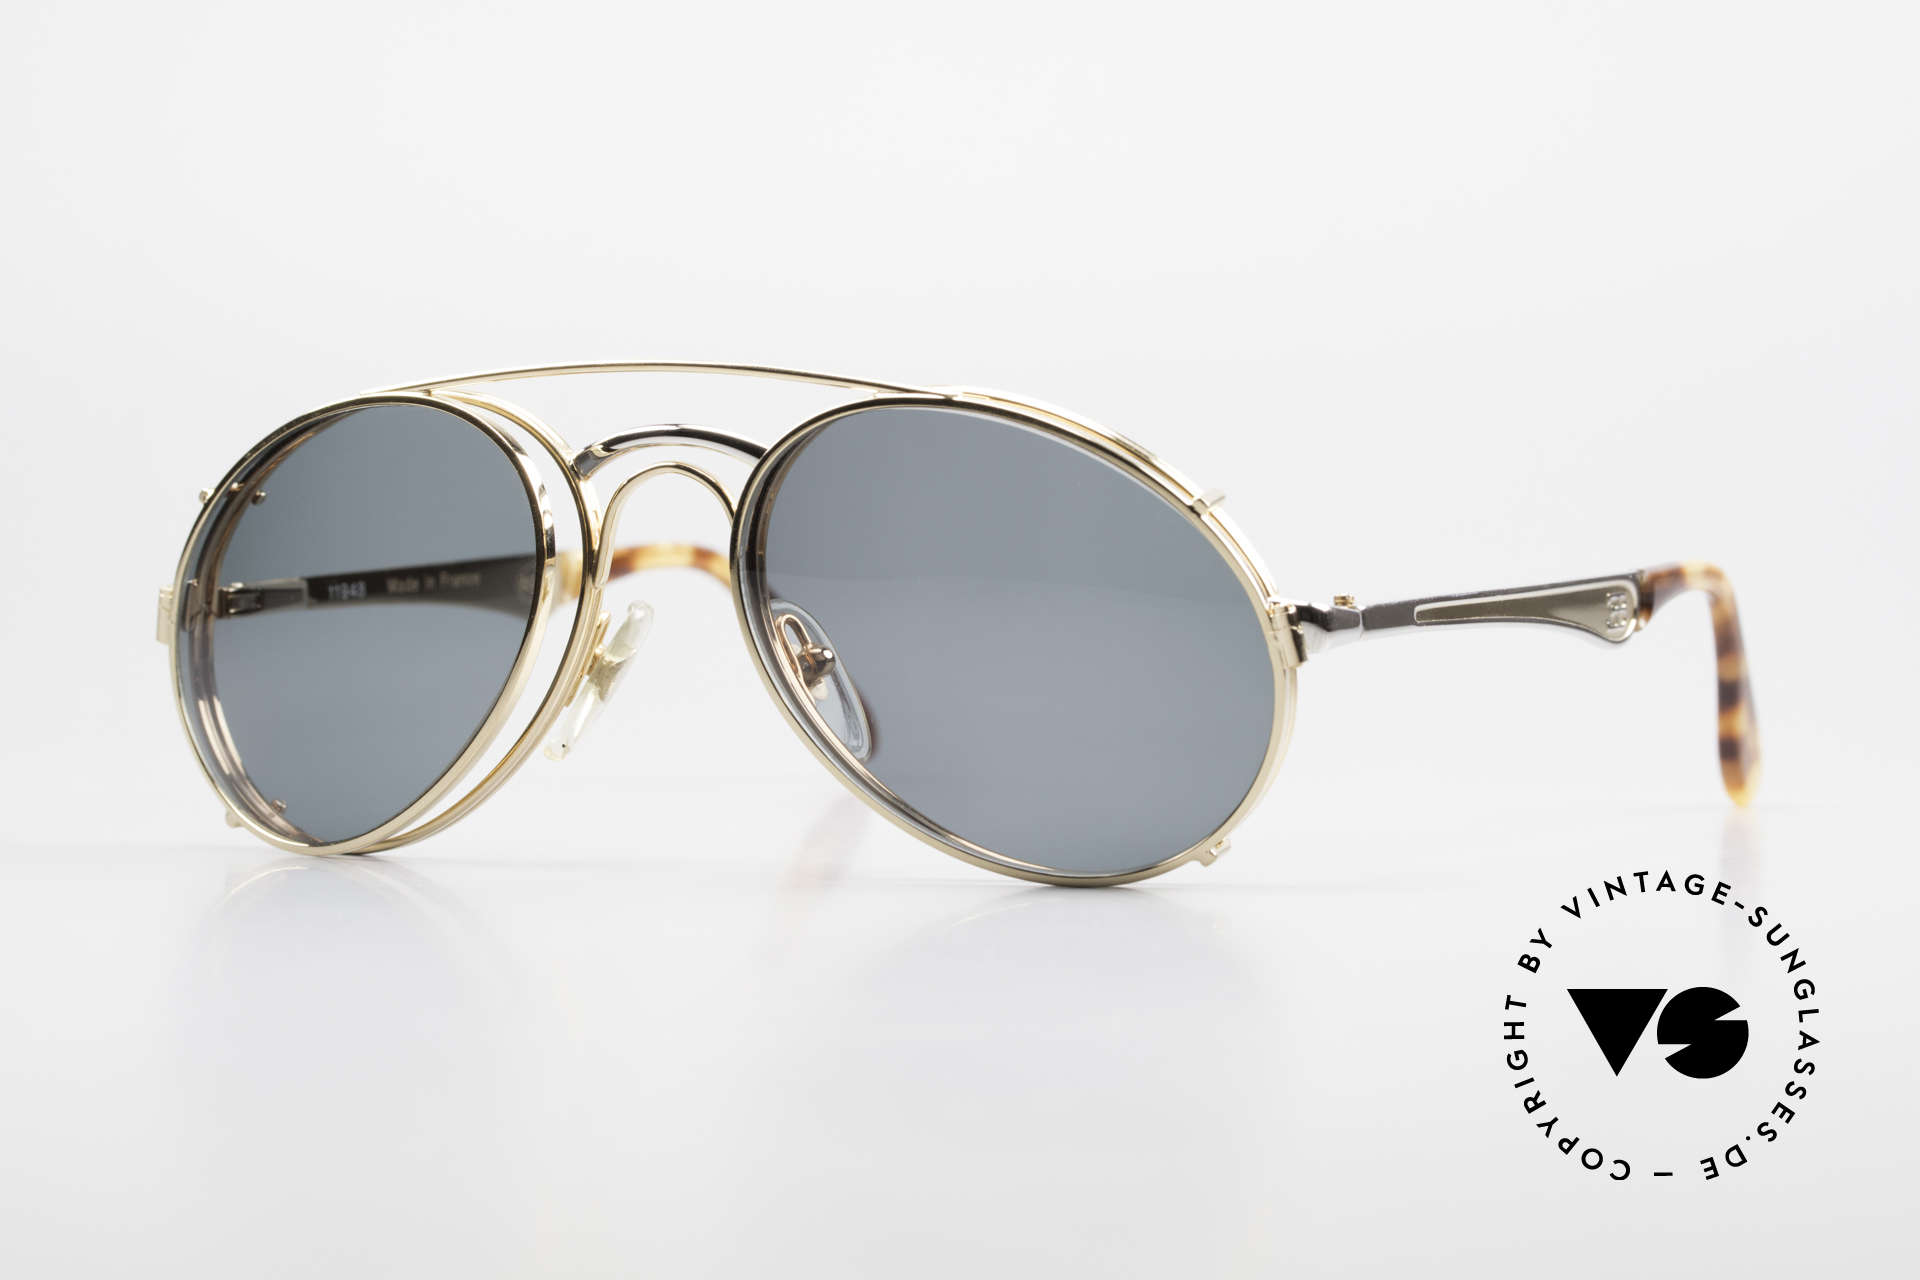 Bugatti 11948 Luxury Men's Glasses Clip On, vintage 80's men's eyeglass-frame in size 52/20, Made for Men